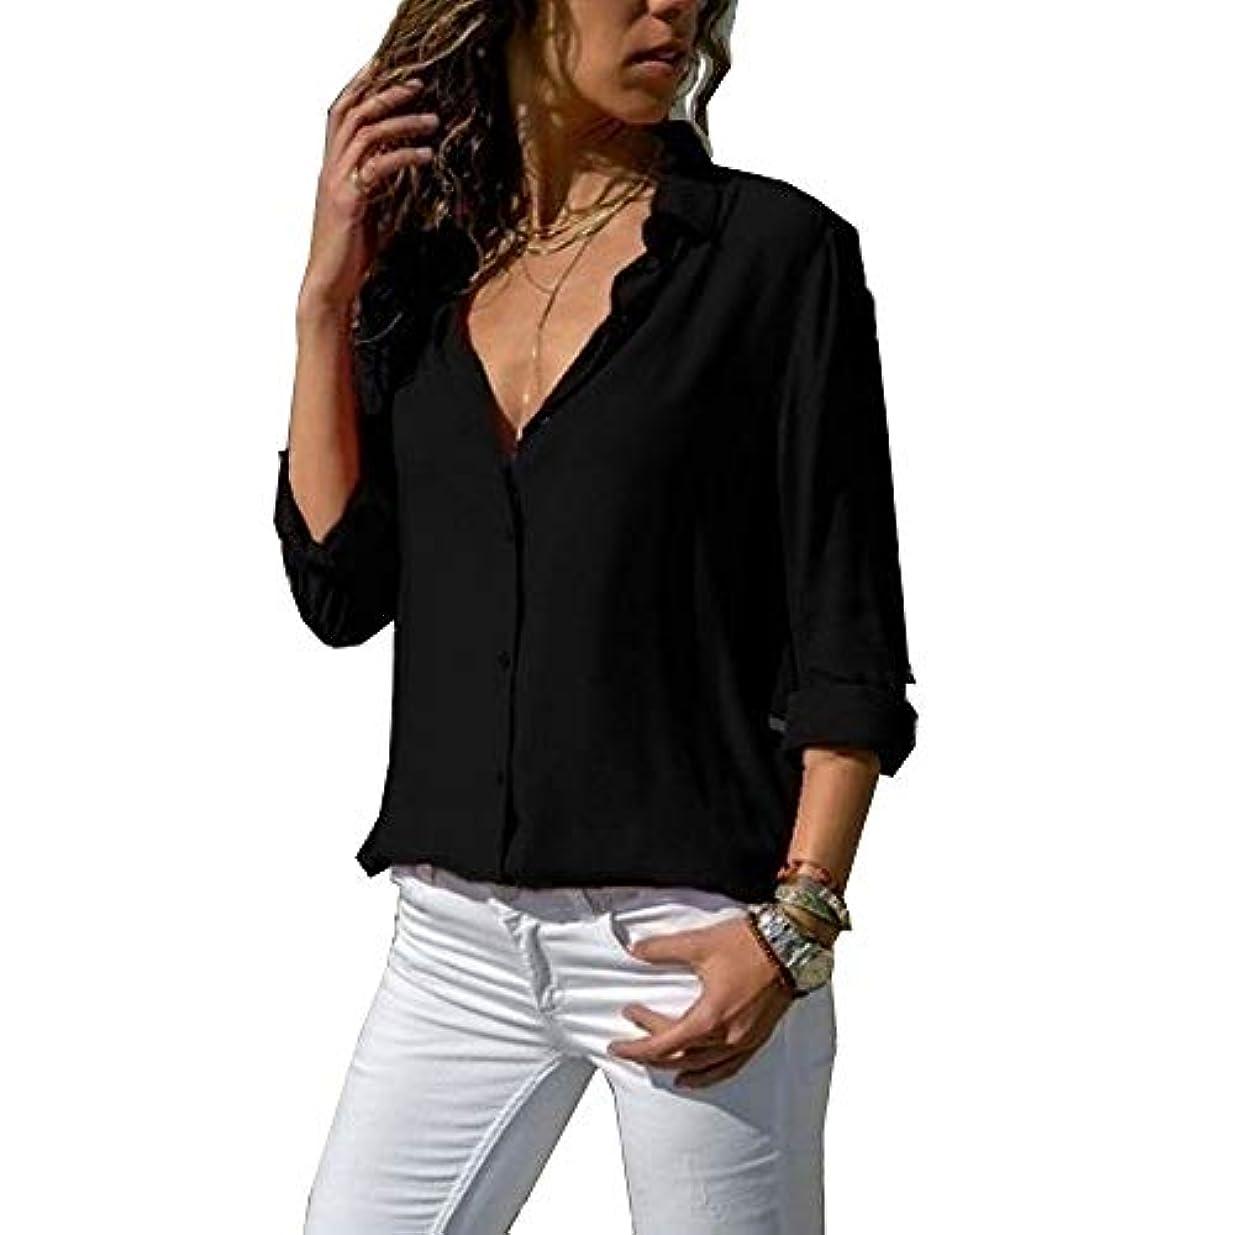 顔料画家間違っているMIFAN ルーズシャツ、トップス&Tシャツ、プラスサイズ、トップス&ブラウス、シフォンブラウス、女性トップス、シフォンシャツ